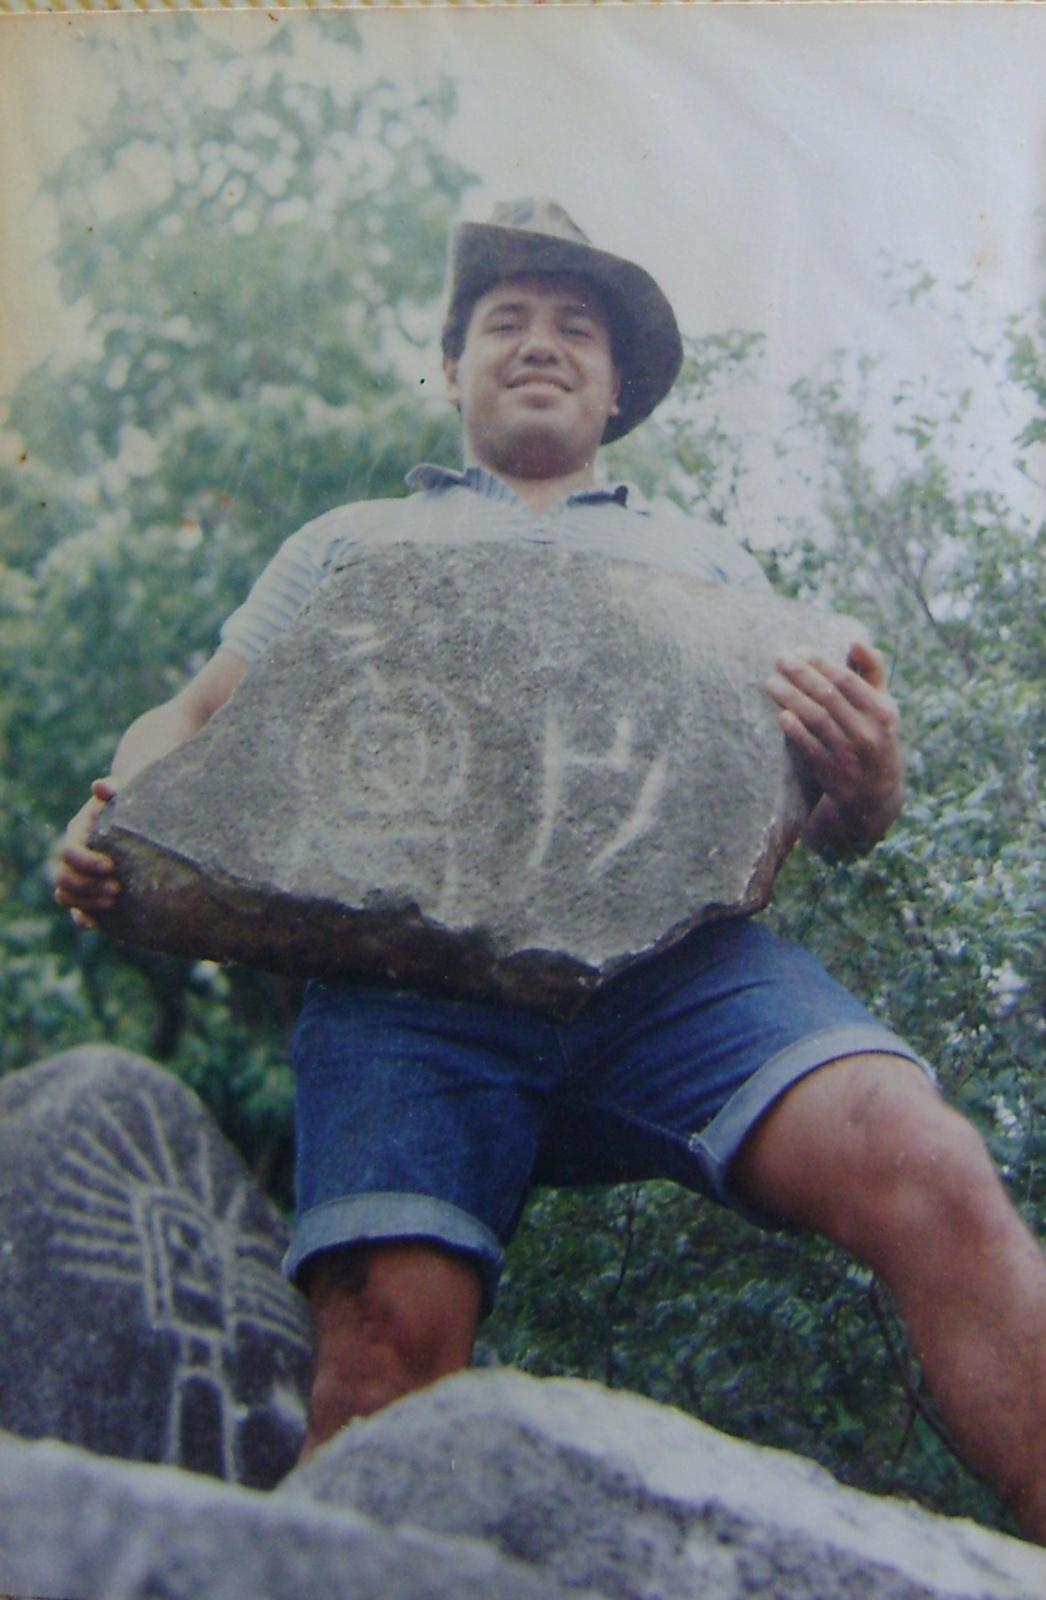 Un cerrito de Petróglifos Verdadero tesoro en Piedras 1zqa5tv